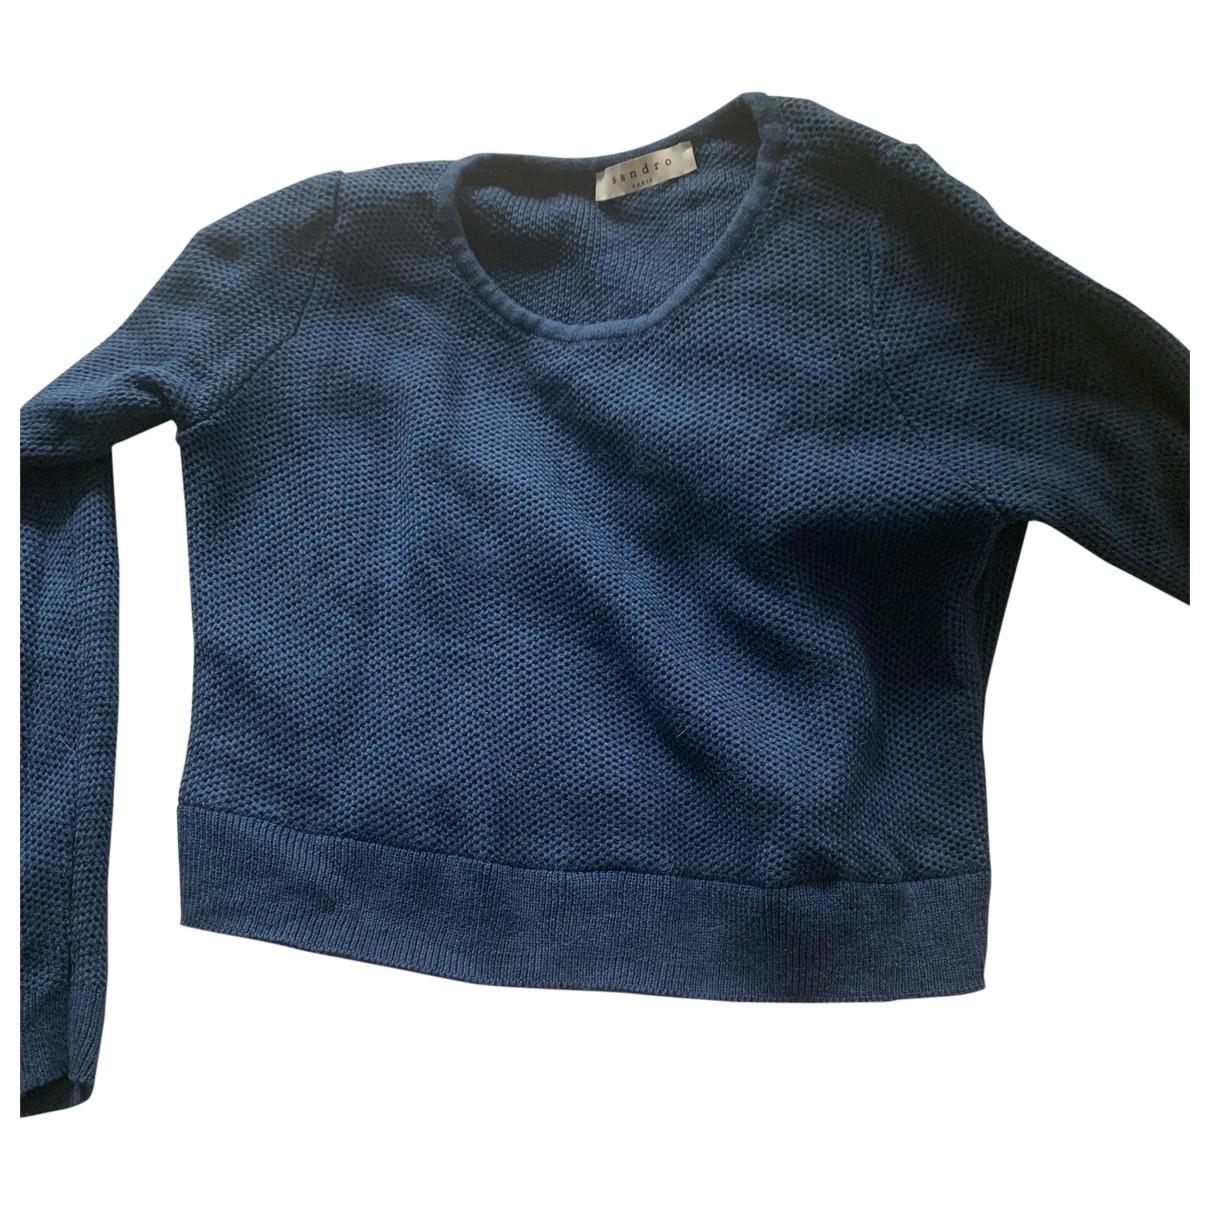 Sandro \N Blue Cotton Knitwear for Women 1 0-5